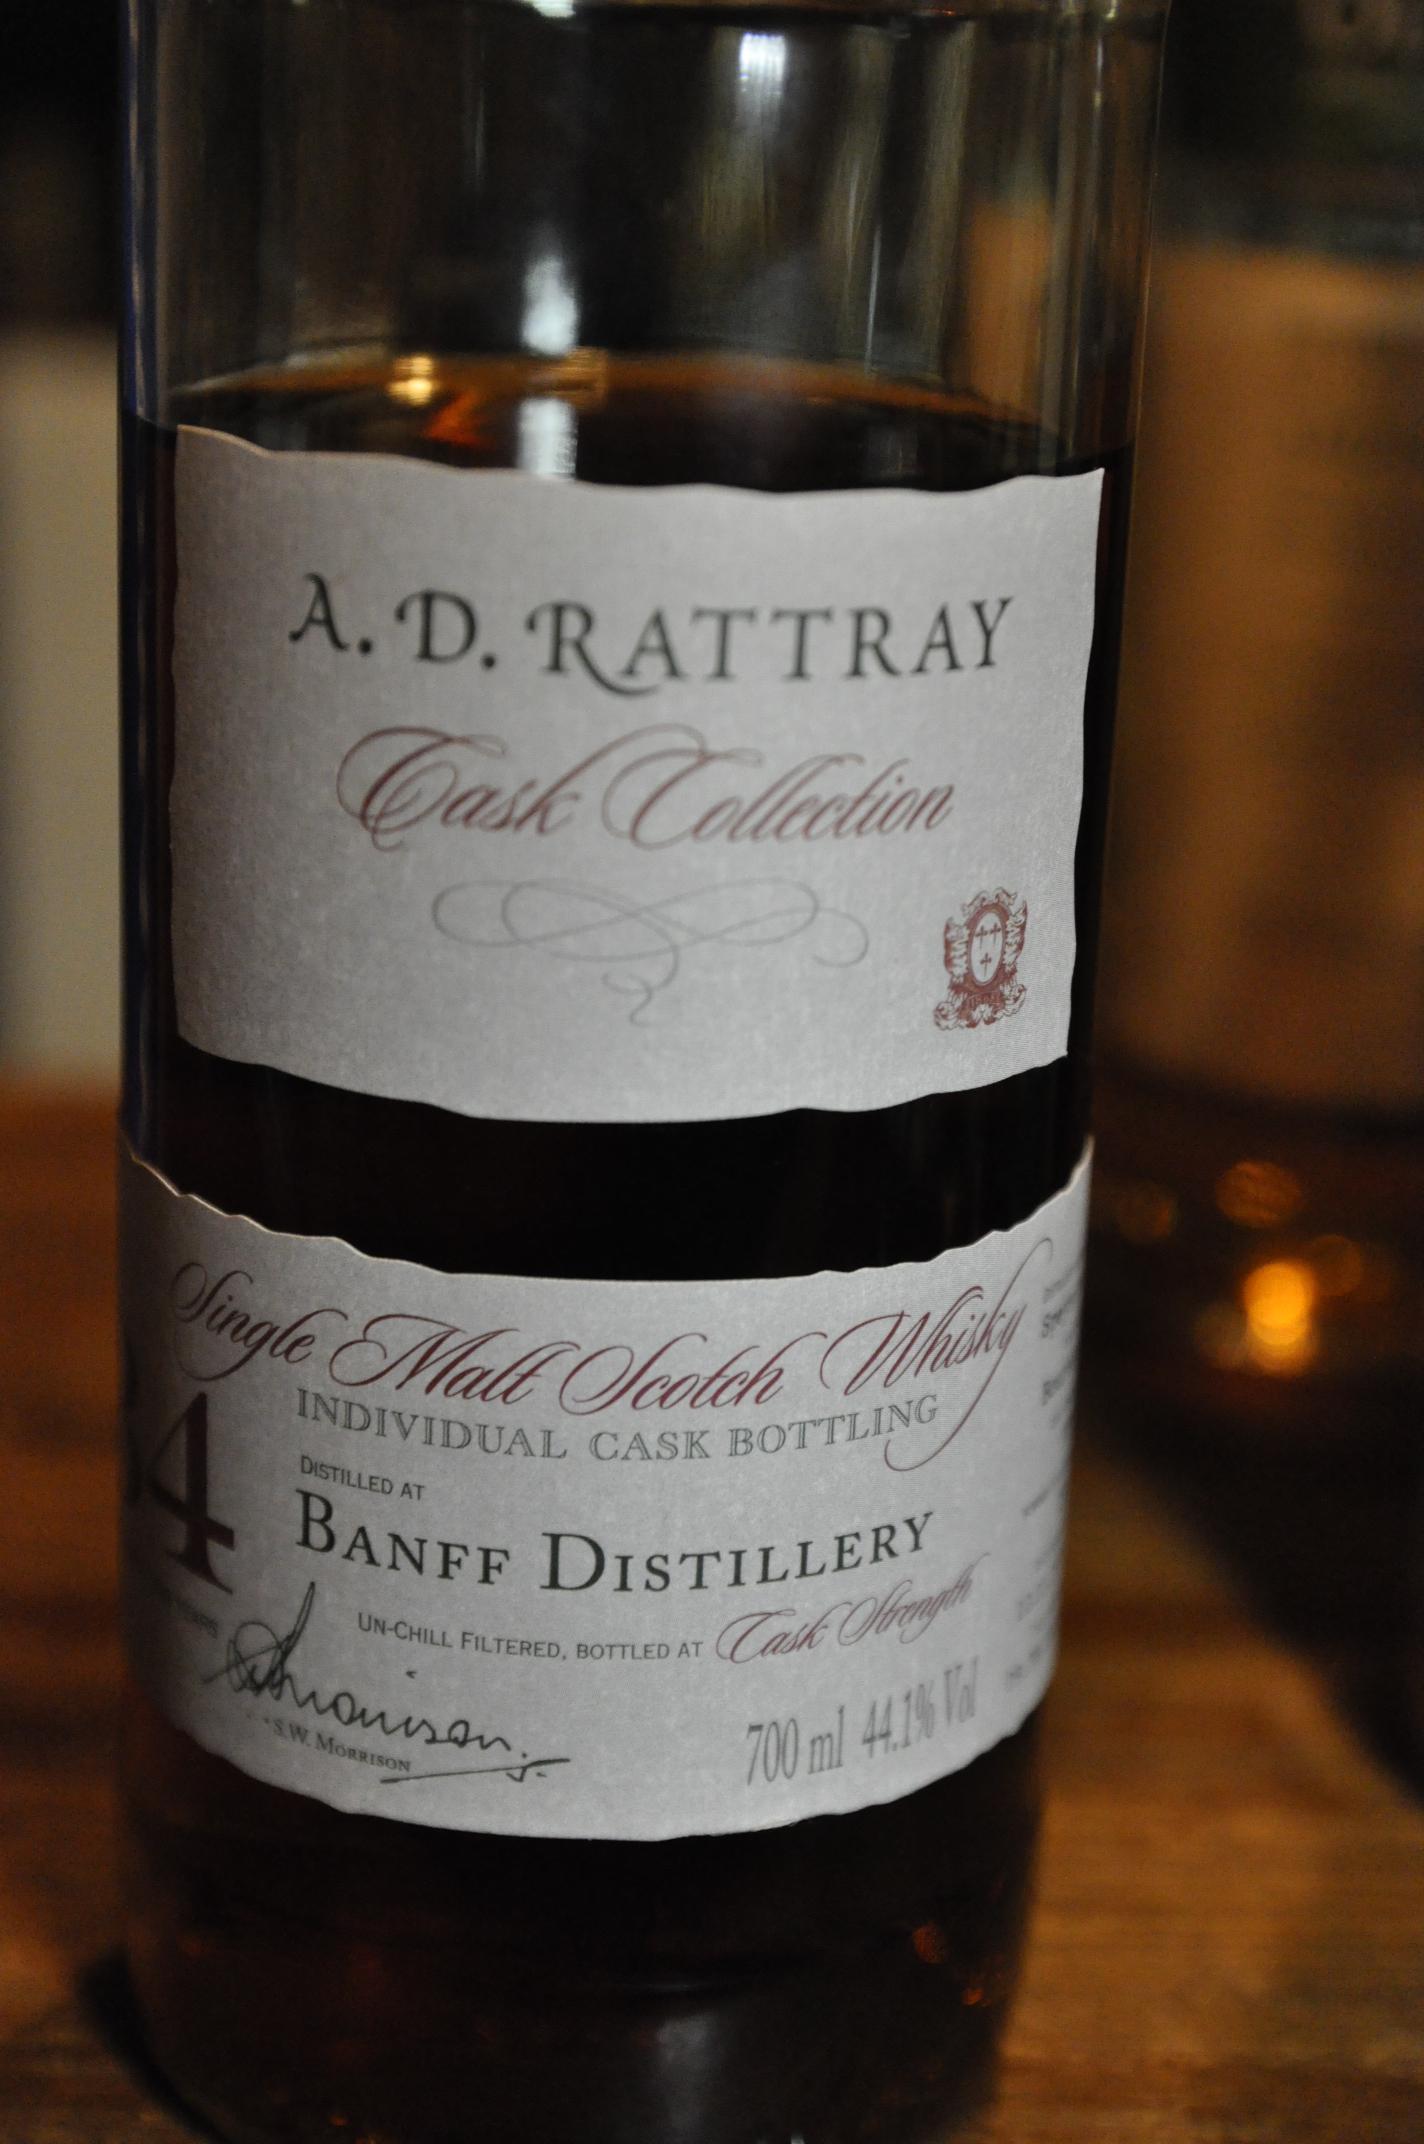 バンフ Banff 34 yo 1975/2010 (44.1%, A.D. Rattray, cask #3354, 250 bottles)